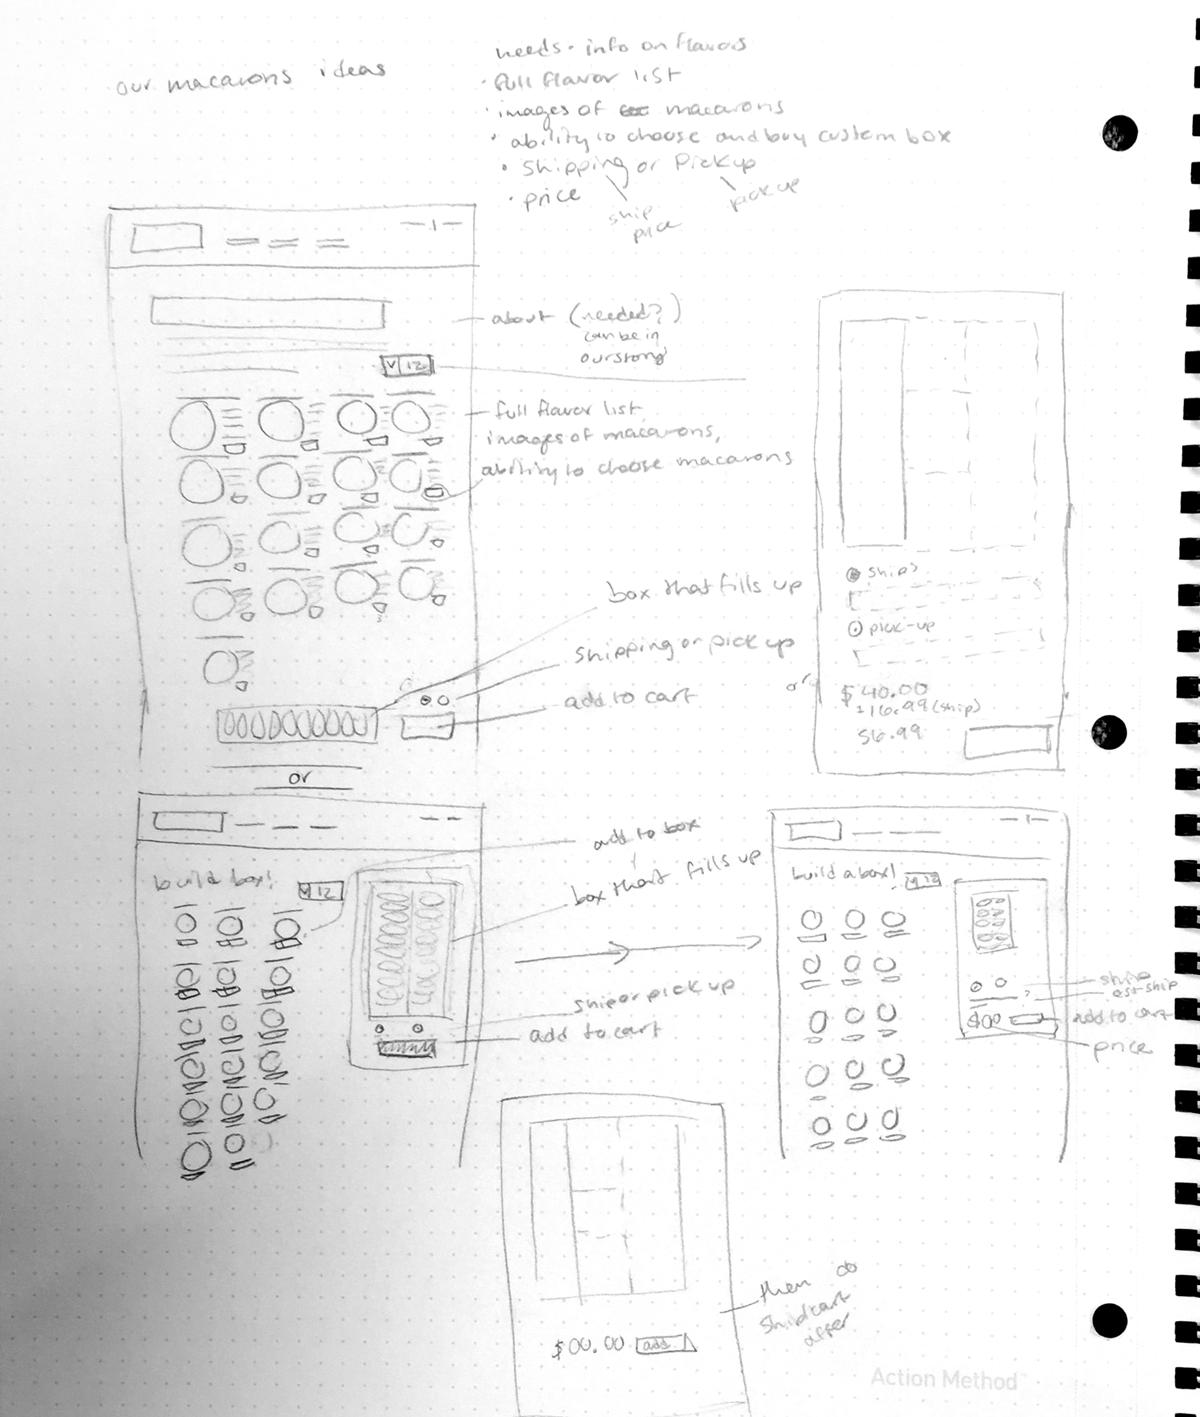 Lette-Sketch-003.png